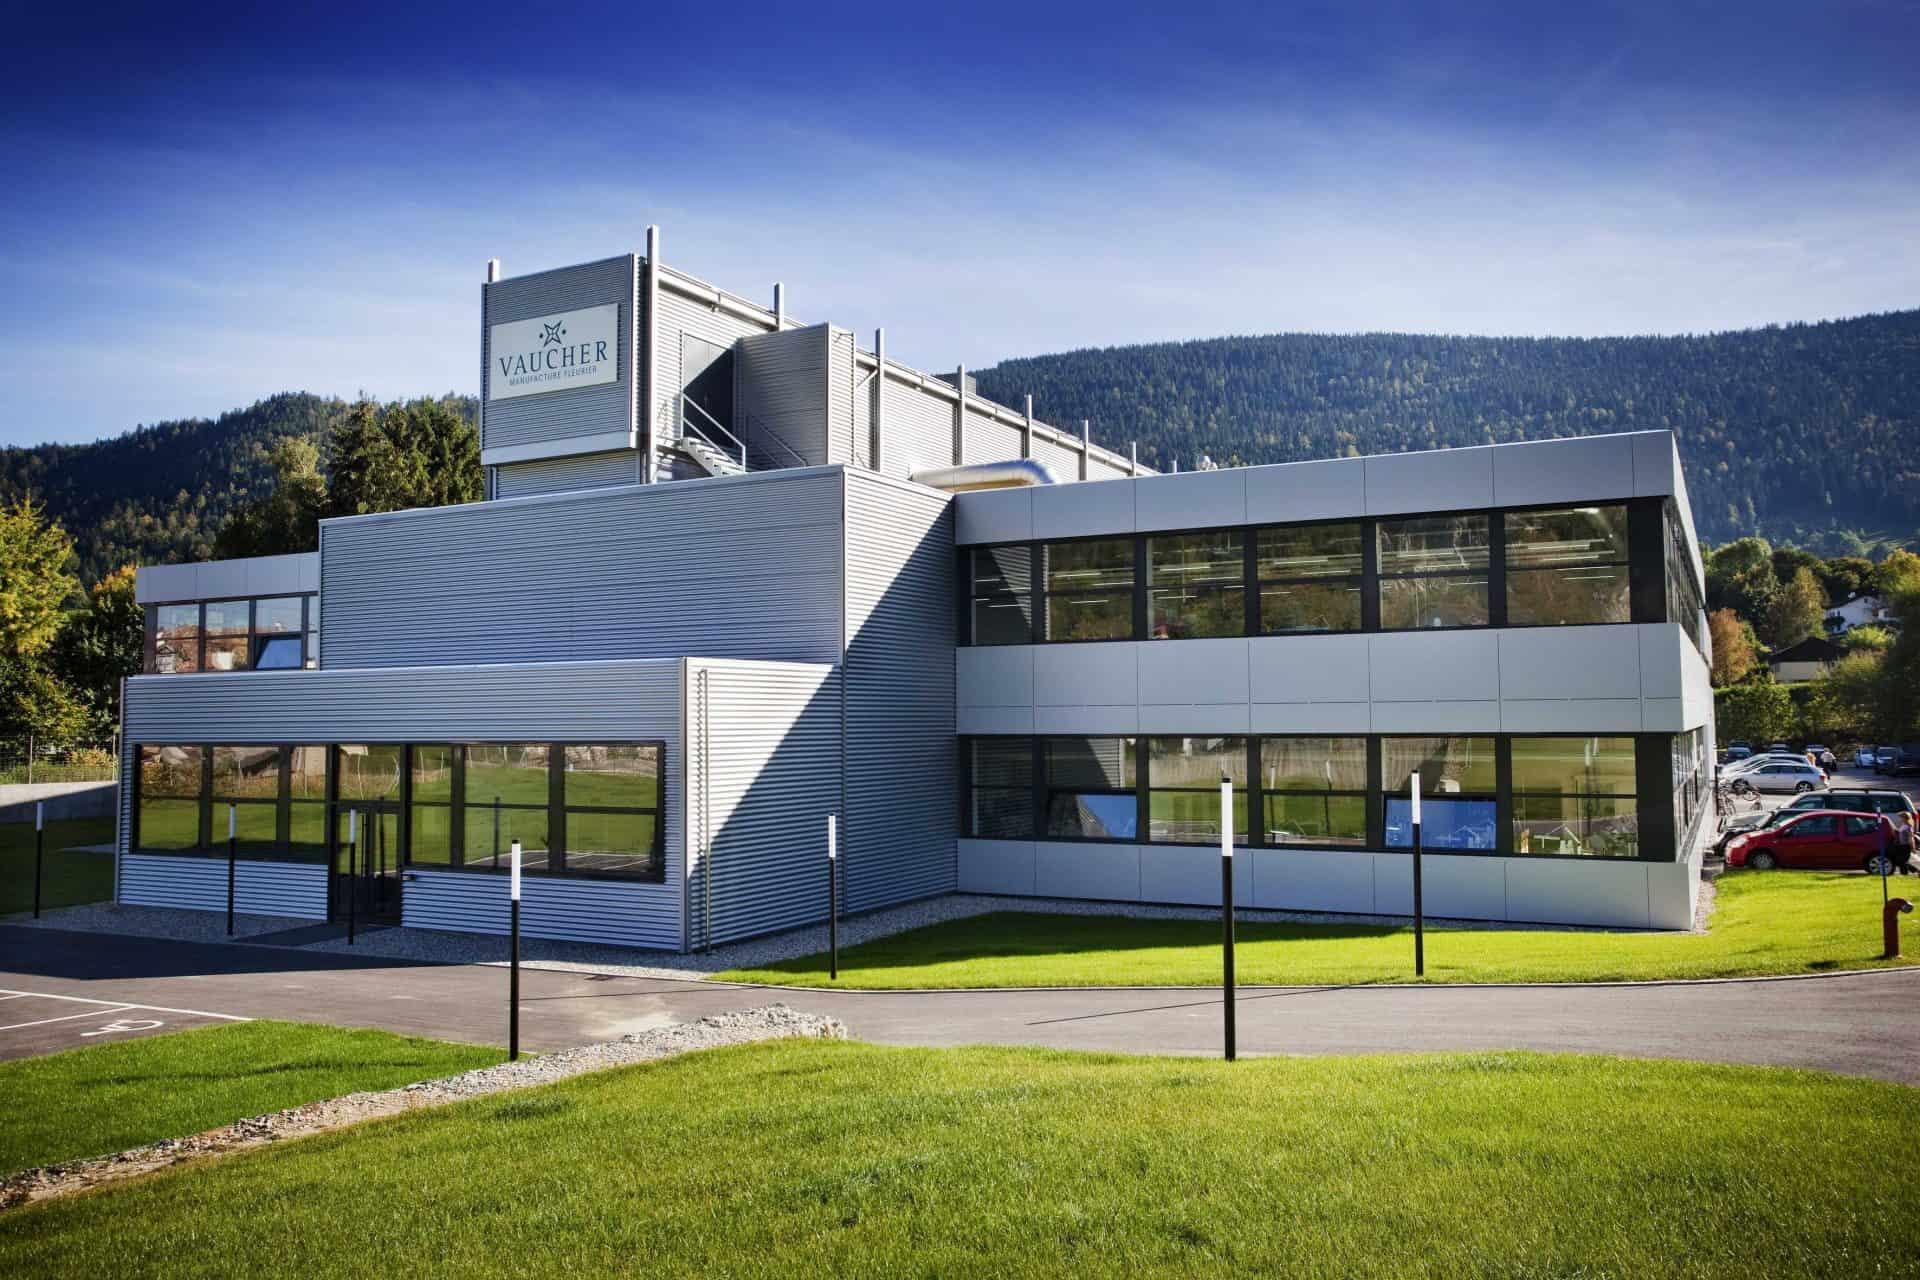 Aus der Vaucher Manufacture in Fleurier stammen die in den Armband-Chronographen von Czapek und Parmigiani verbauten Automatikwerke